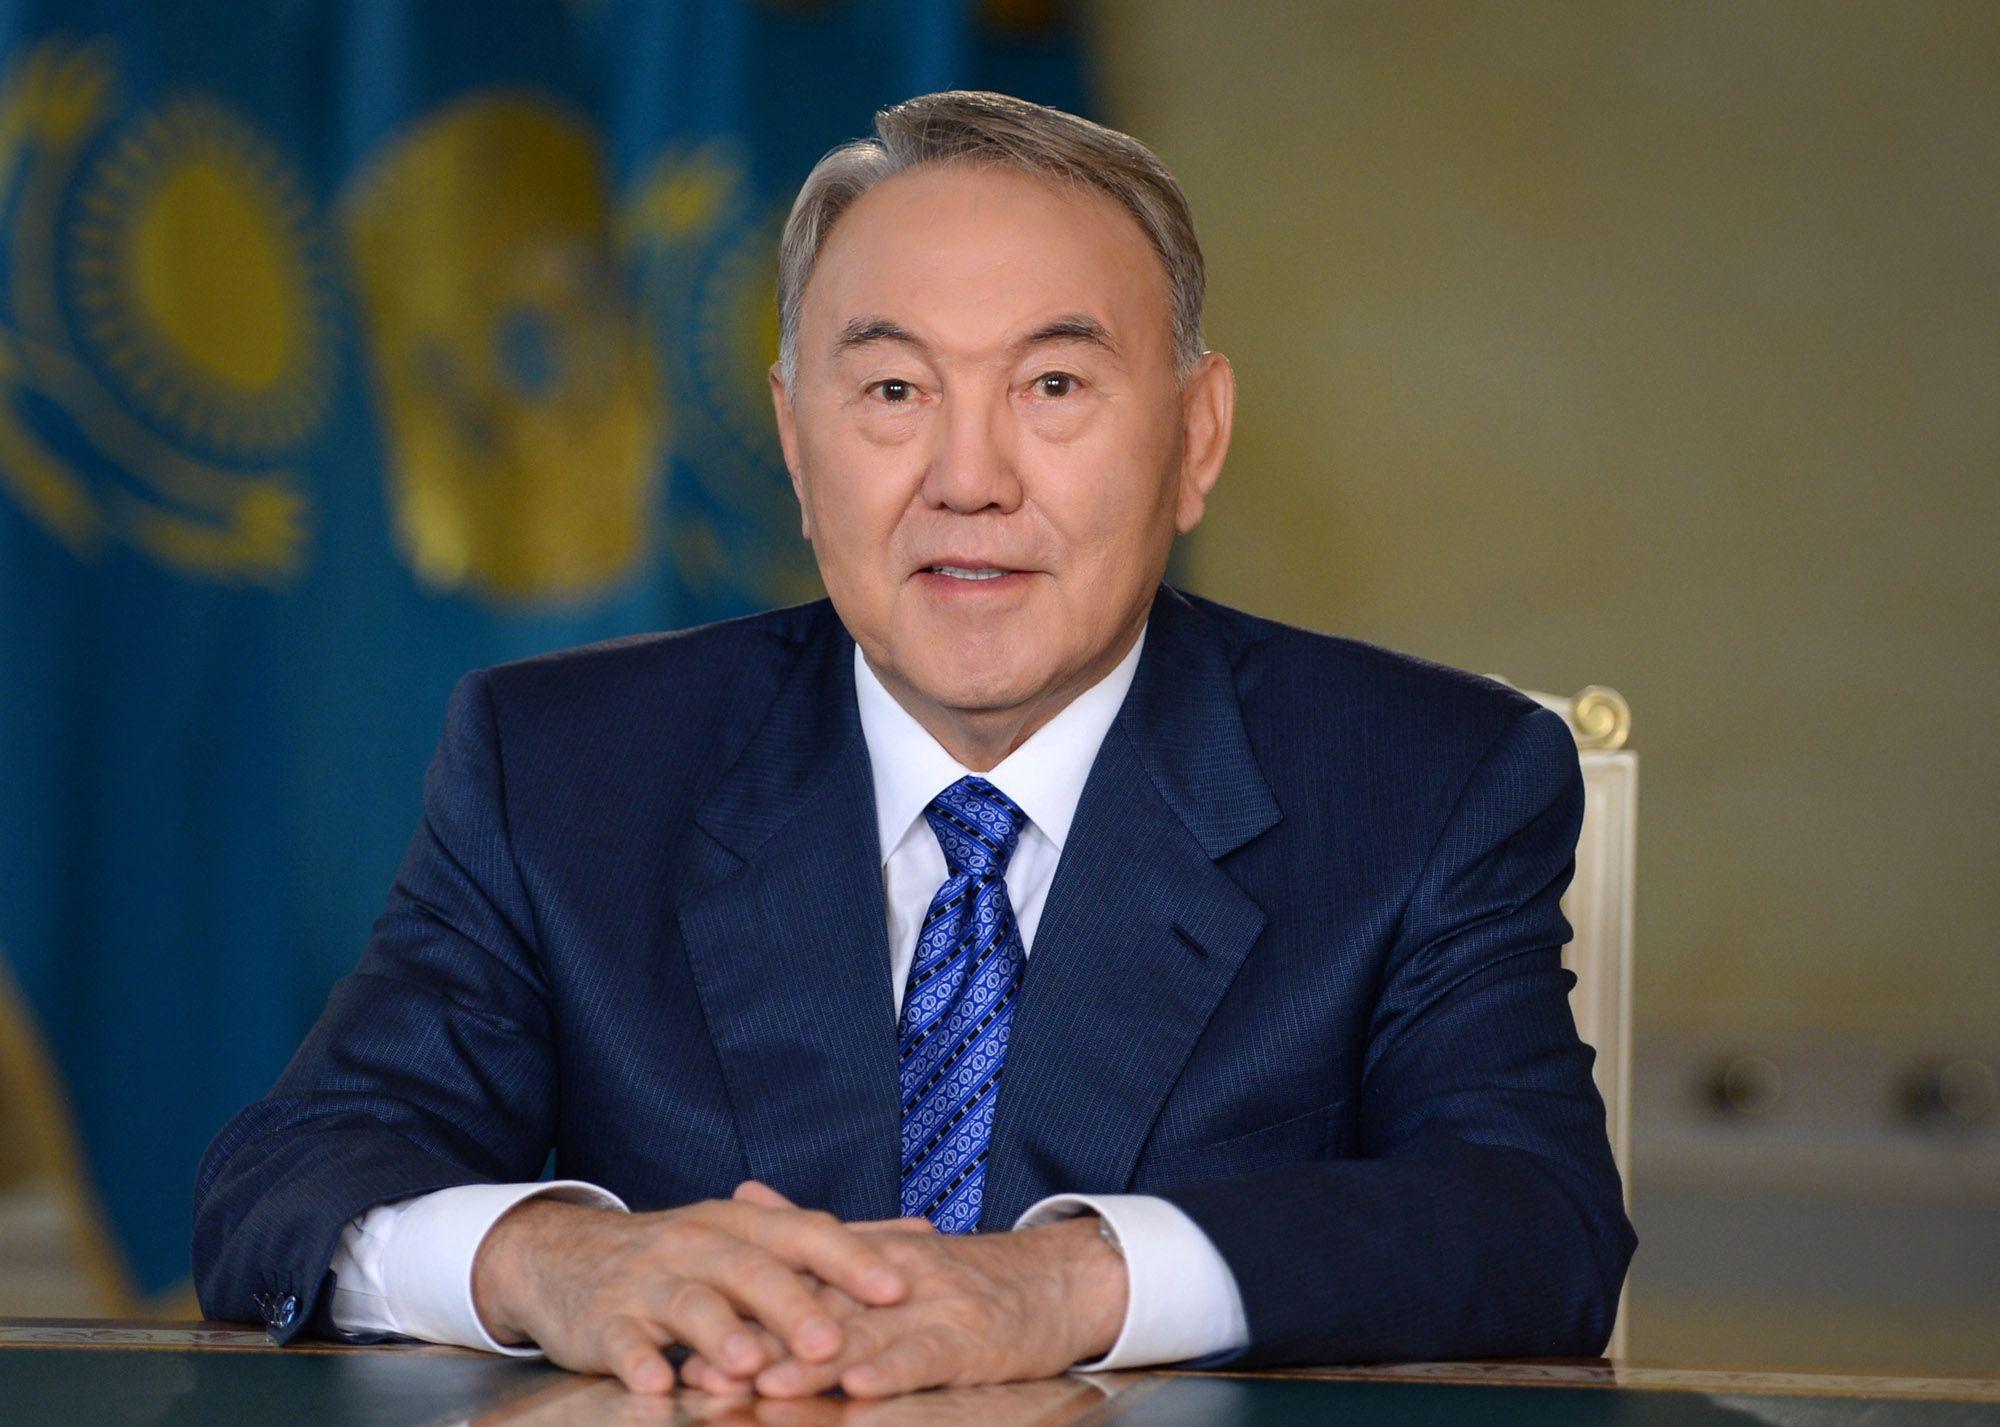 Нурсултан Назарбаев: Хотим мирного разрешения конфликта между Россией и Украиной- Kapital.kz